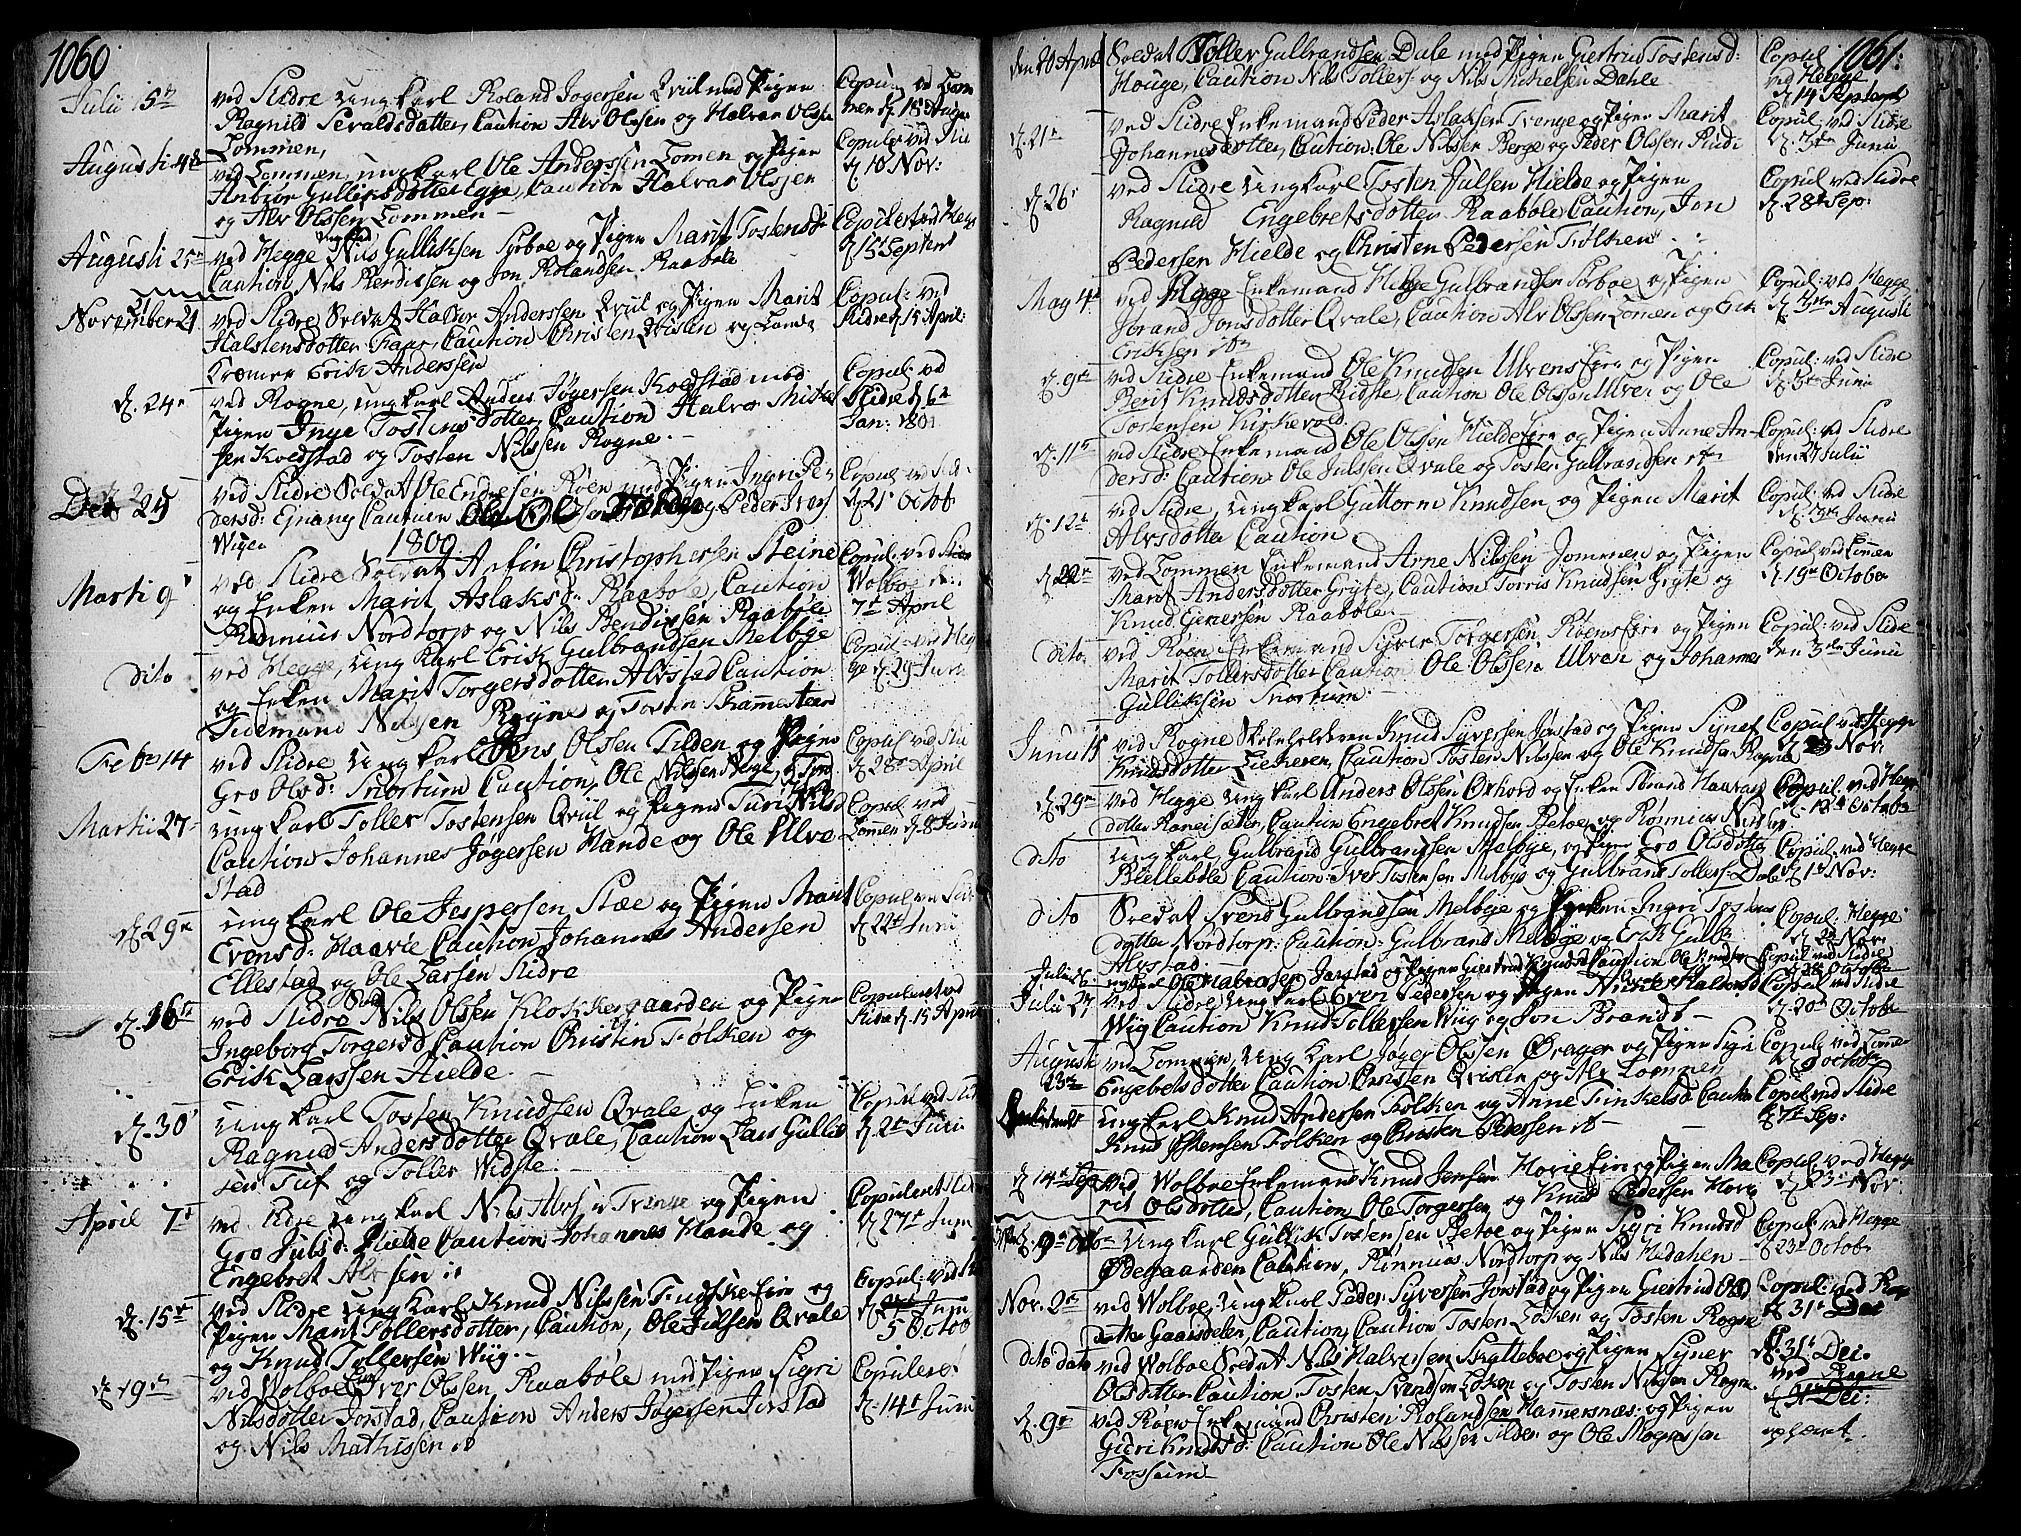 SAH, Slidre prestekontor, Ministerialbok nr. 1, 1724-1814, s. 1060-1061